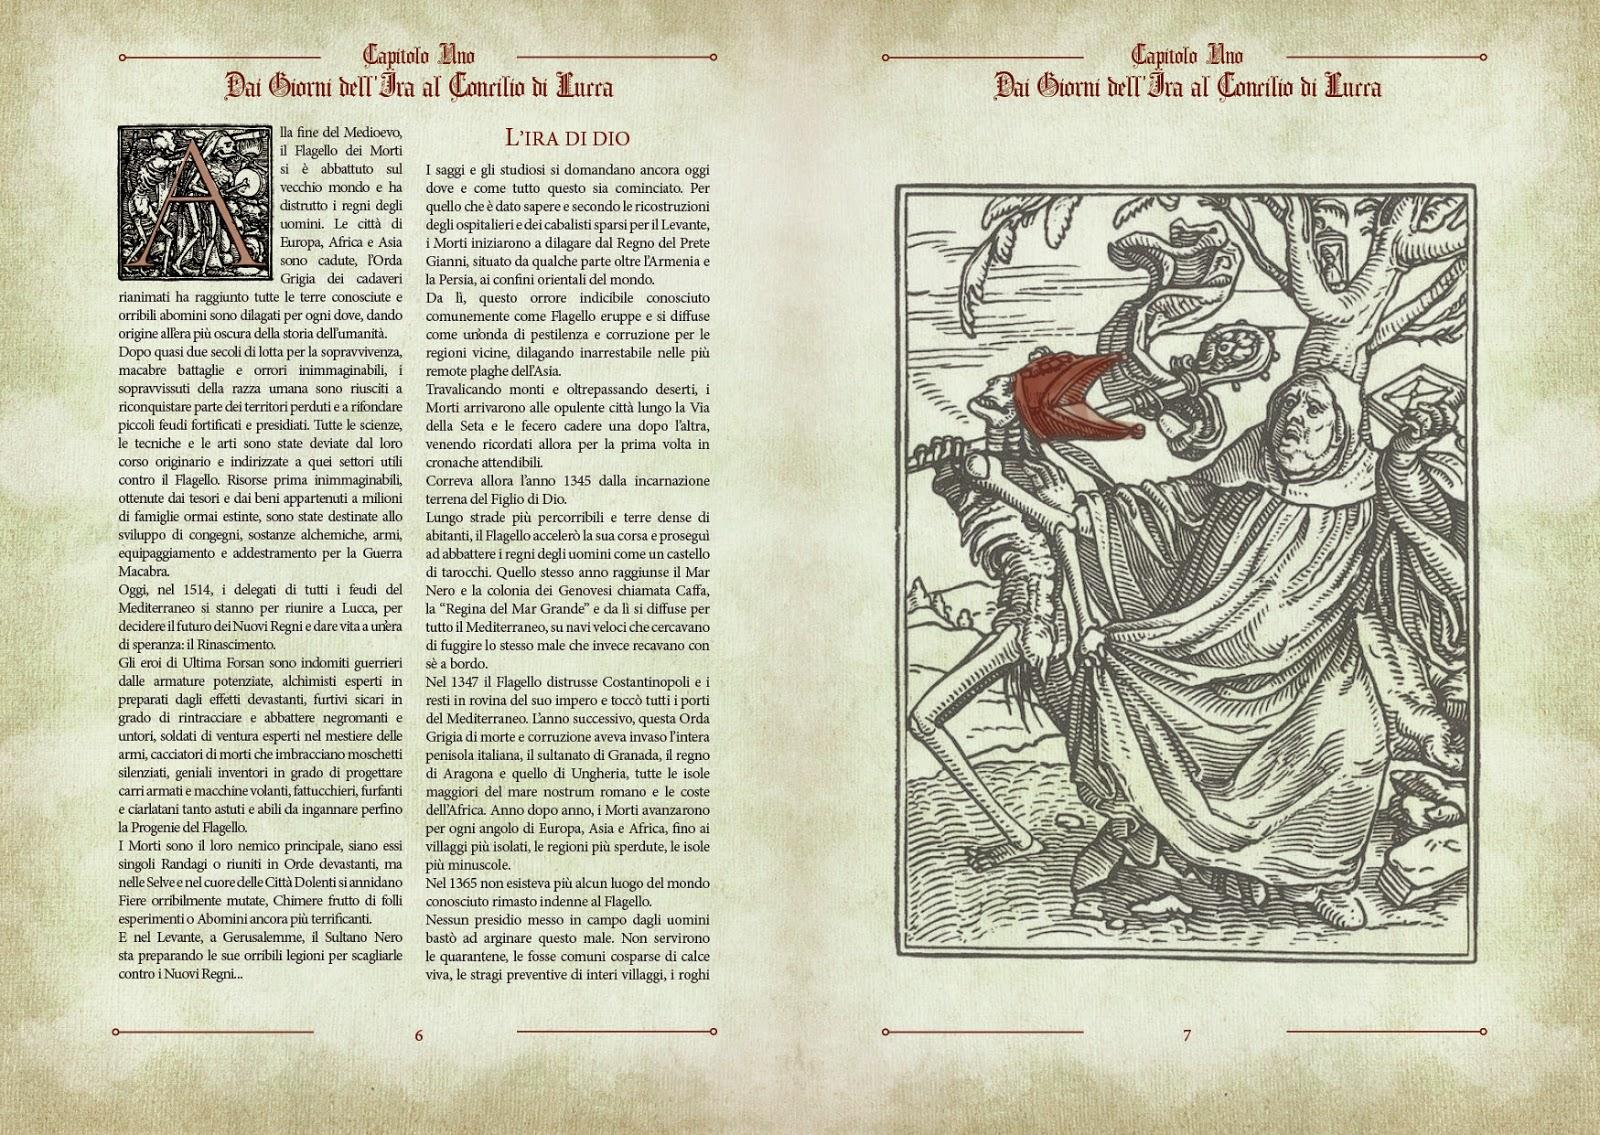 Ultima Forsan, un'anteprima dal manuale